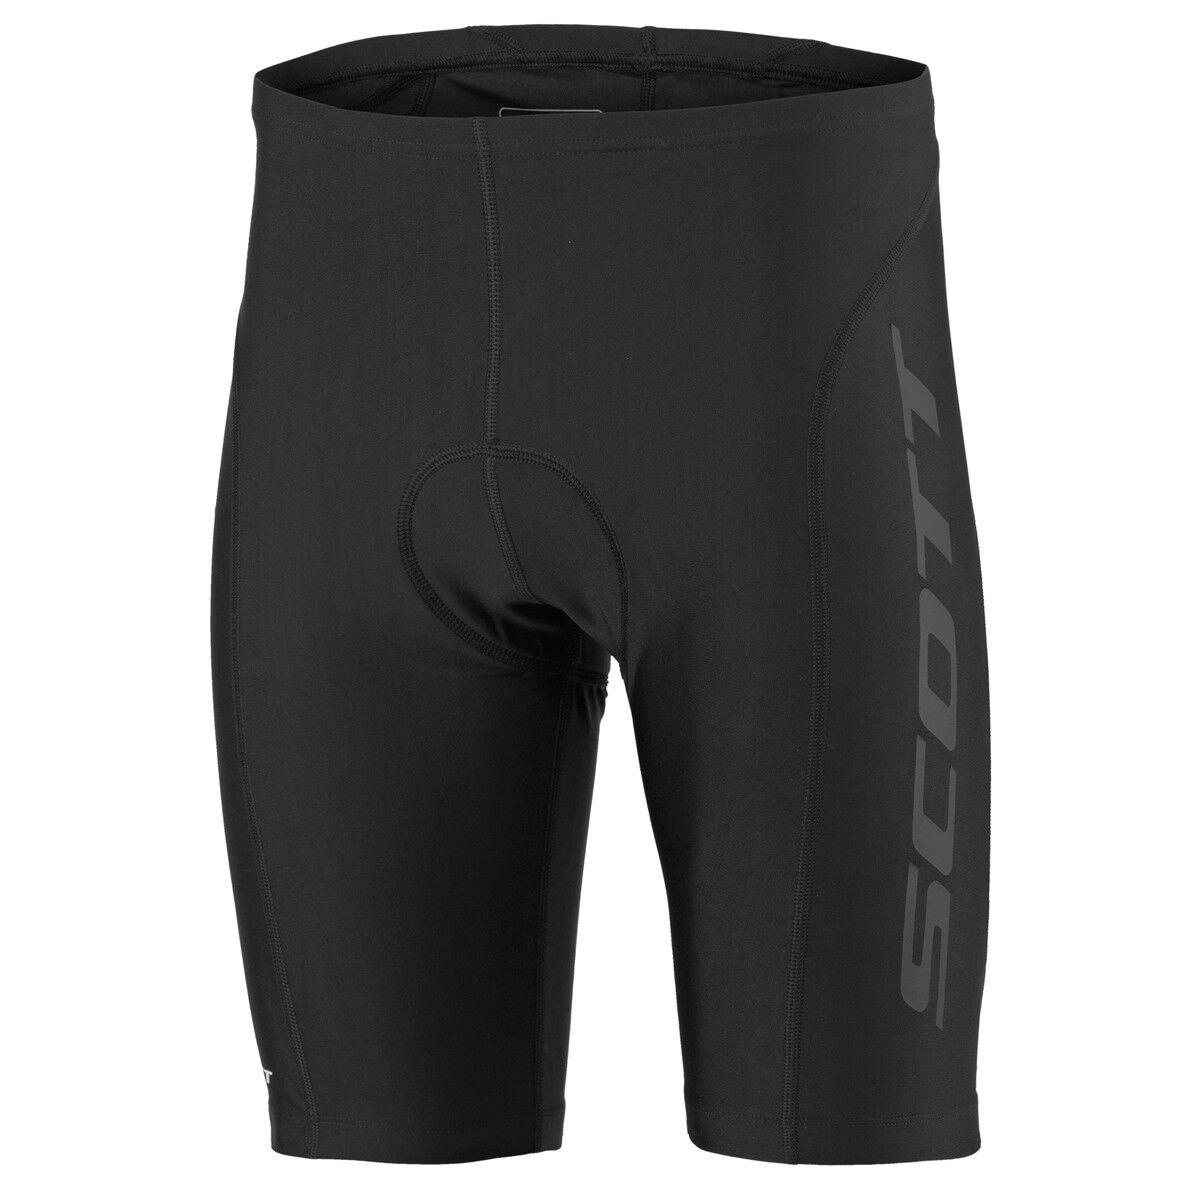 Scott Endurance + Fahrrad Hose kurz schwarz schwarz schwarz 2017 2097c6